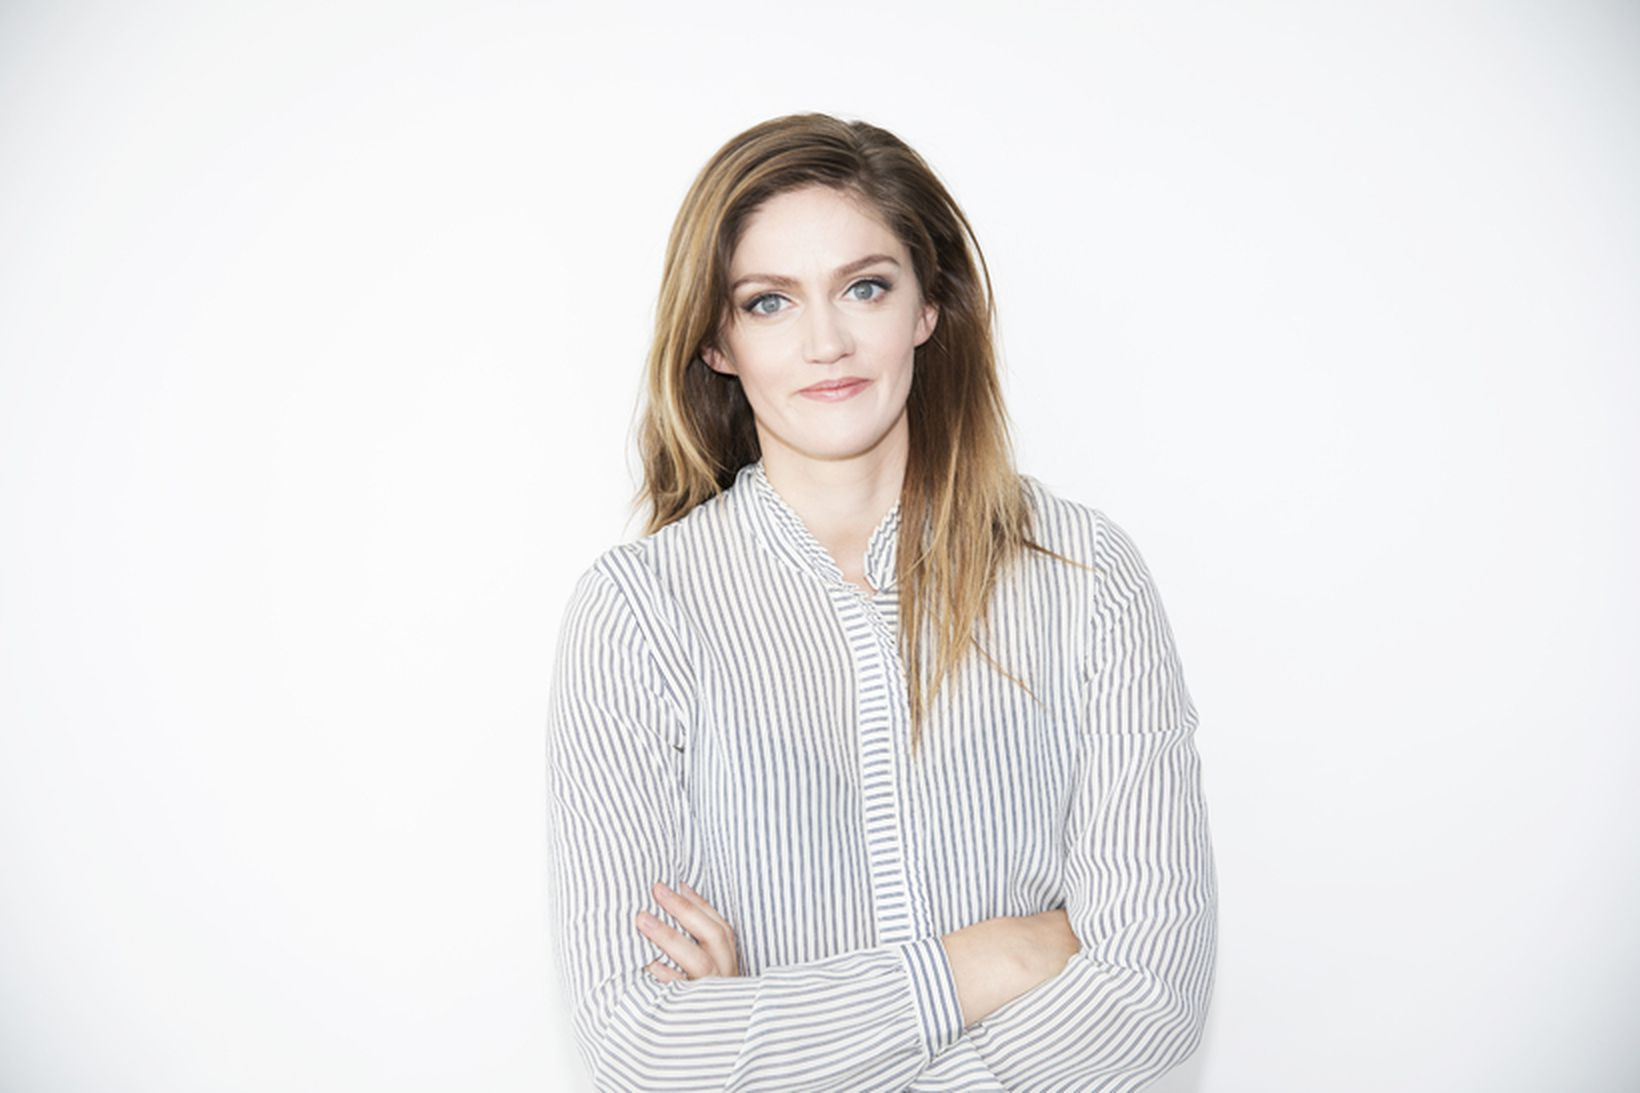 Sylvía Kristín Ólafsdóttir tekur sæti í framkvæmdastjórn Origo.